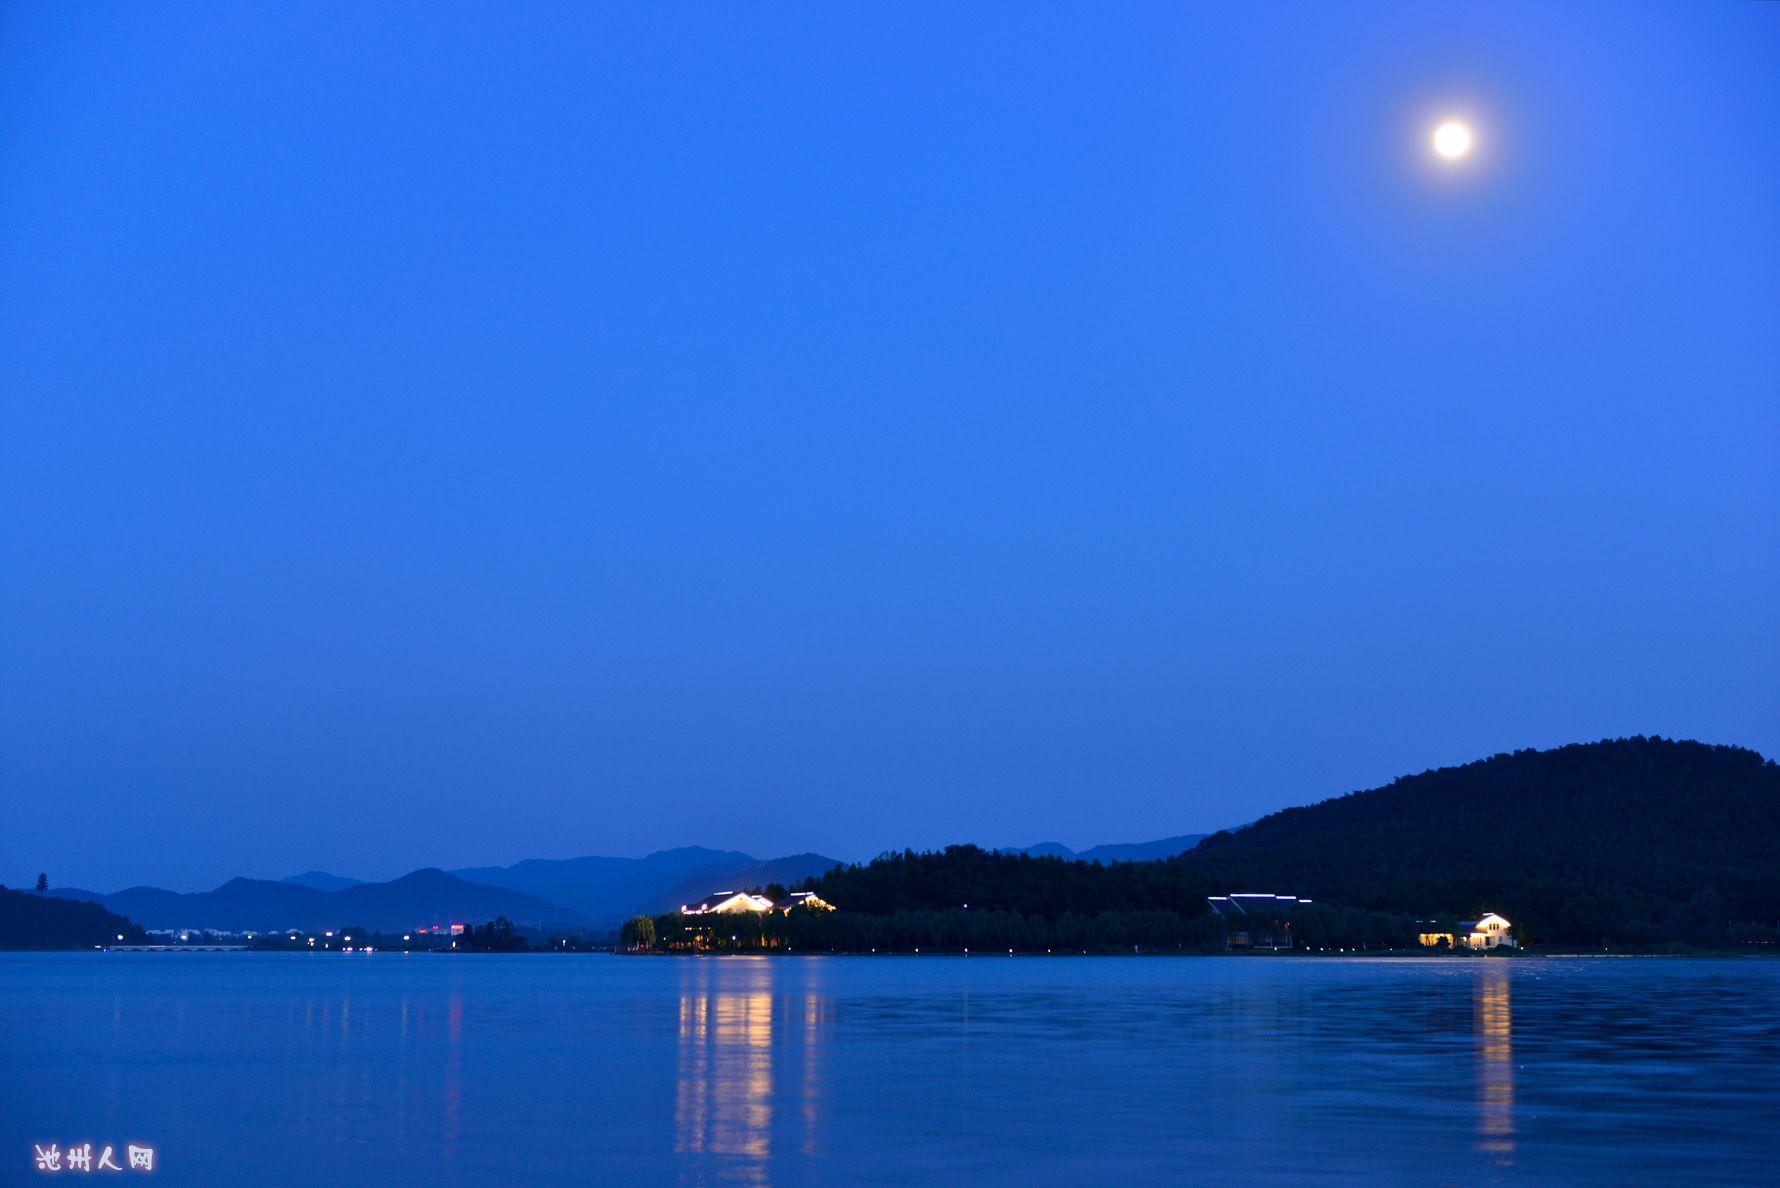 拍摄地:池州市平天湖风景区